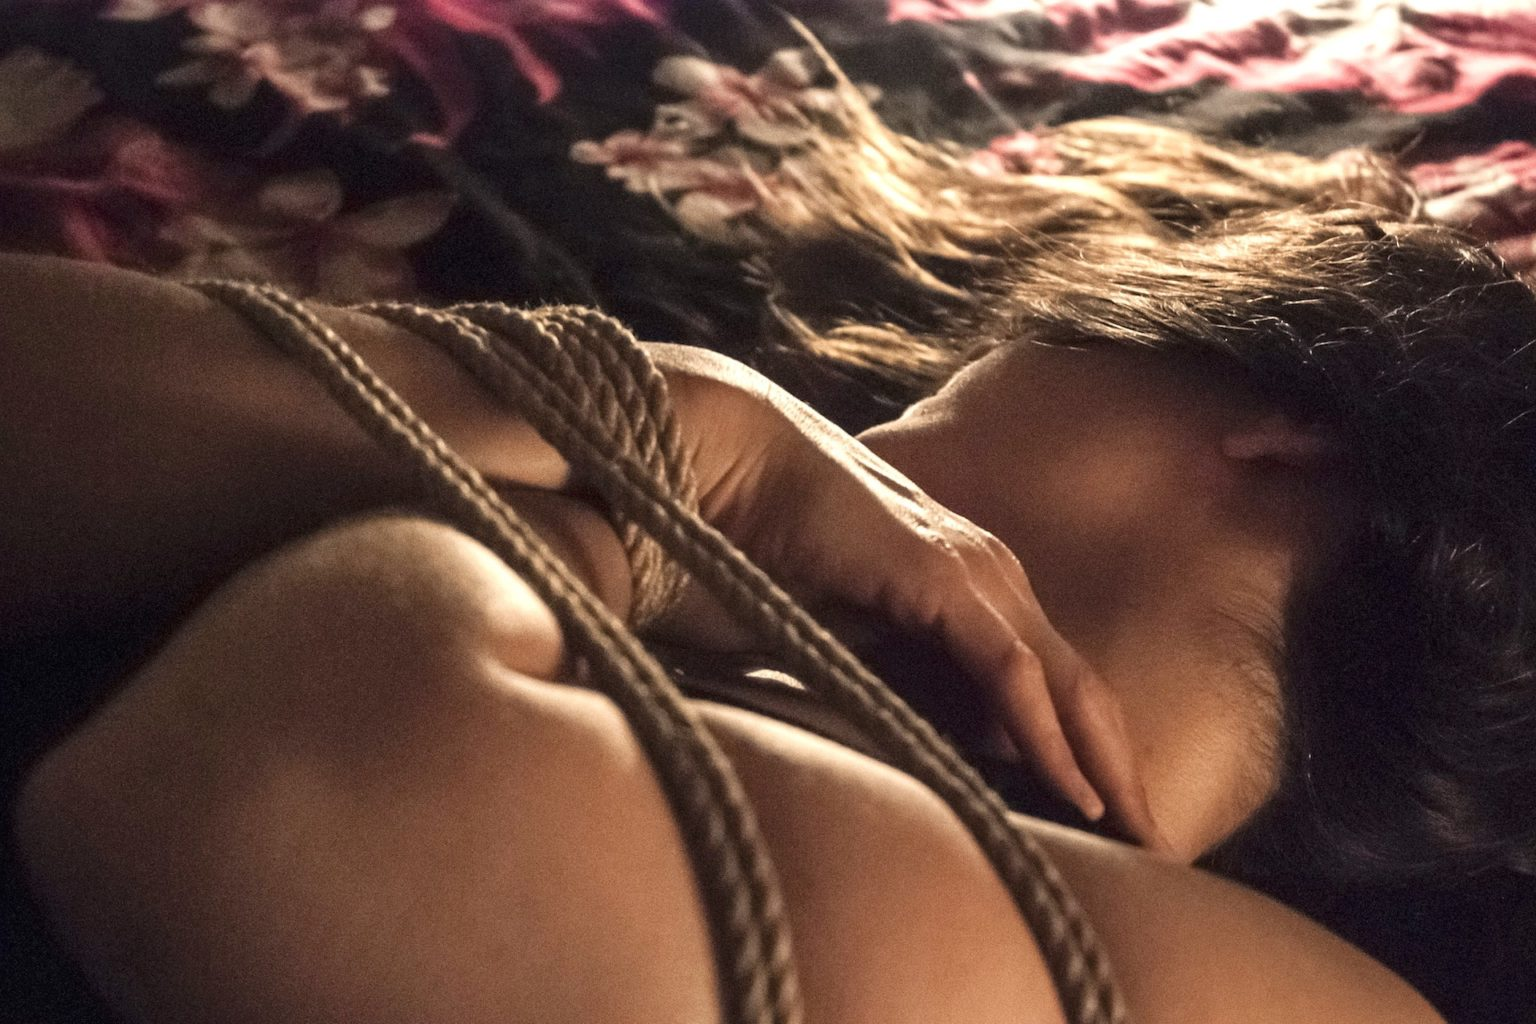 Photo d'une personne couchée par terre et attachée avec les bras sur la poitrine.